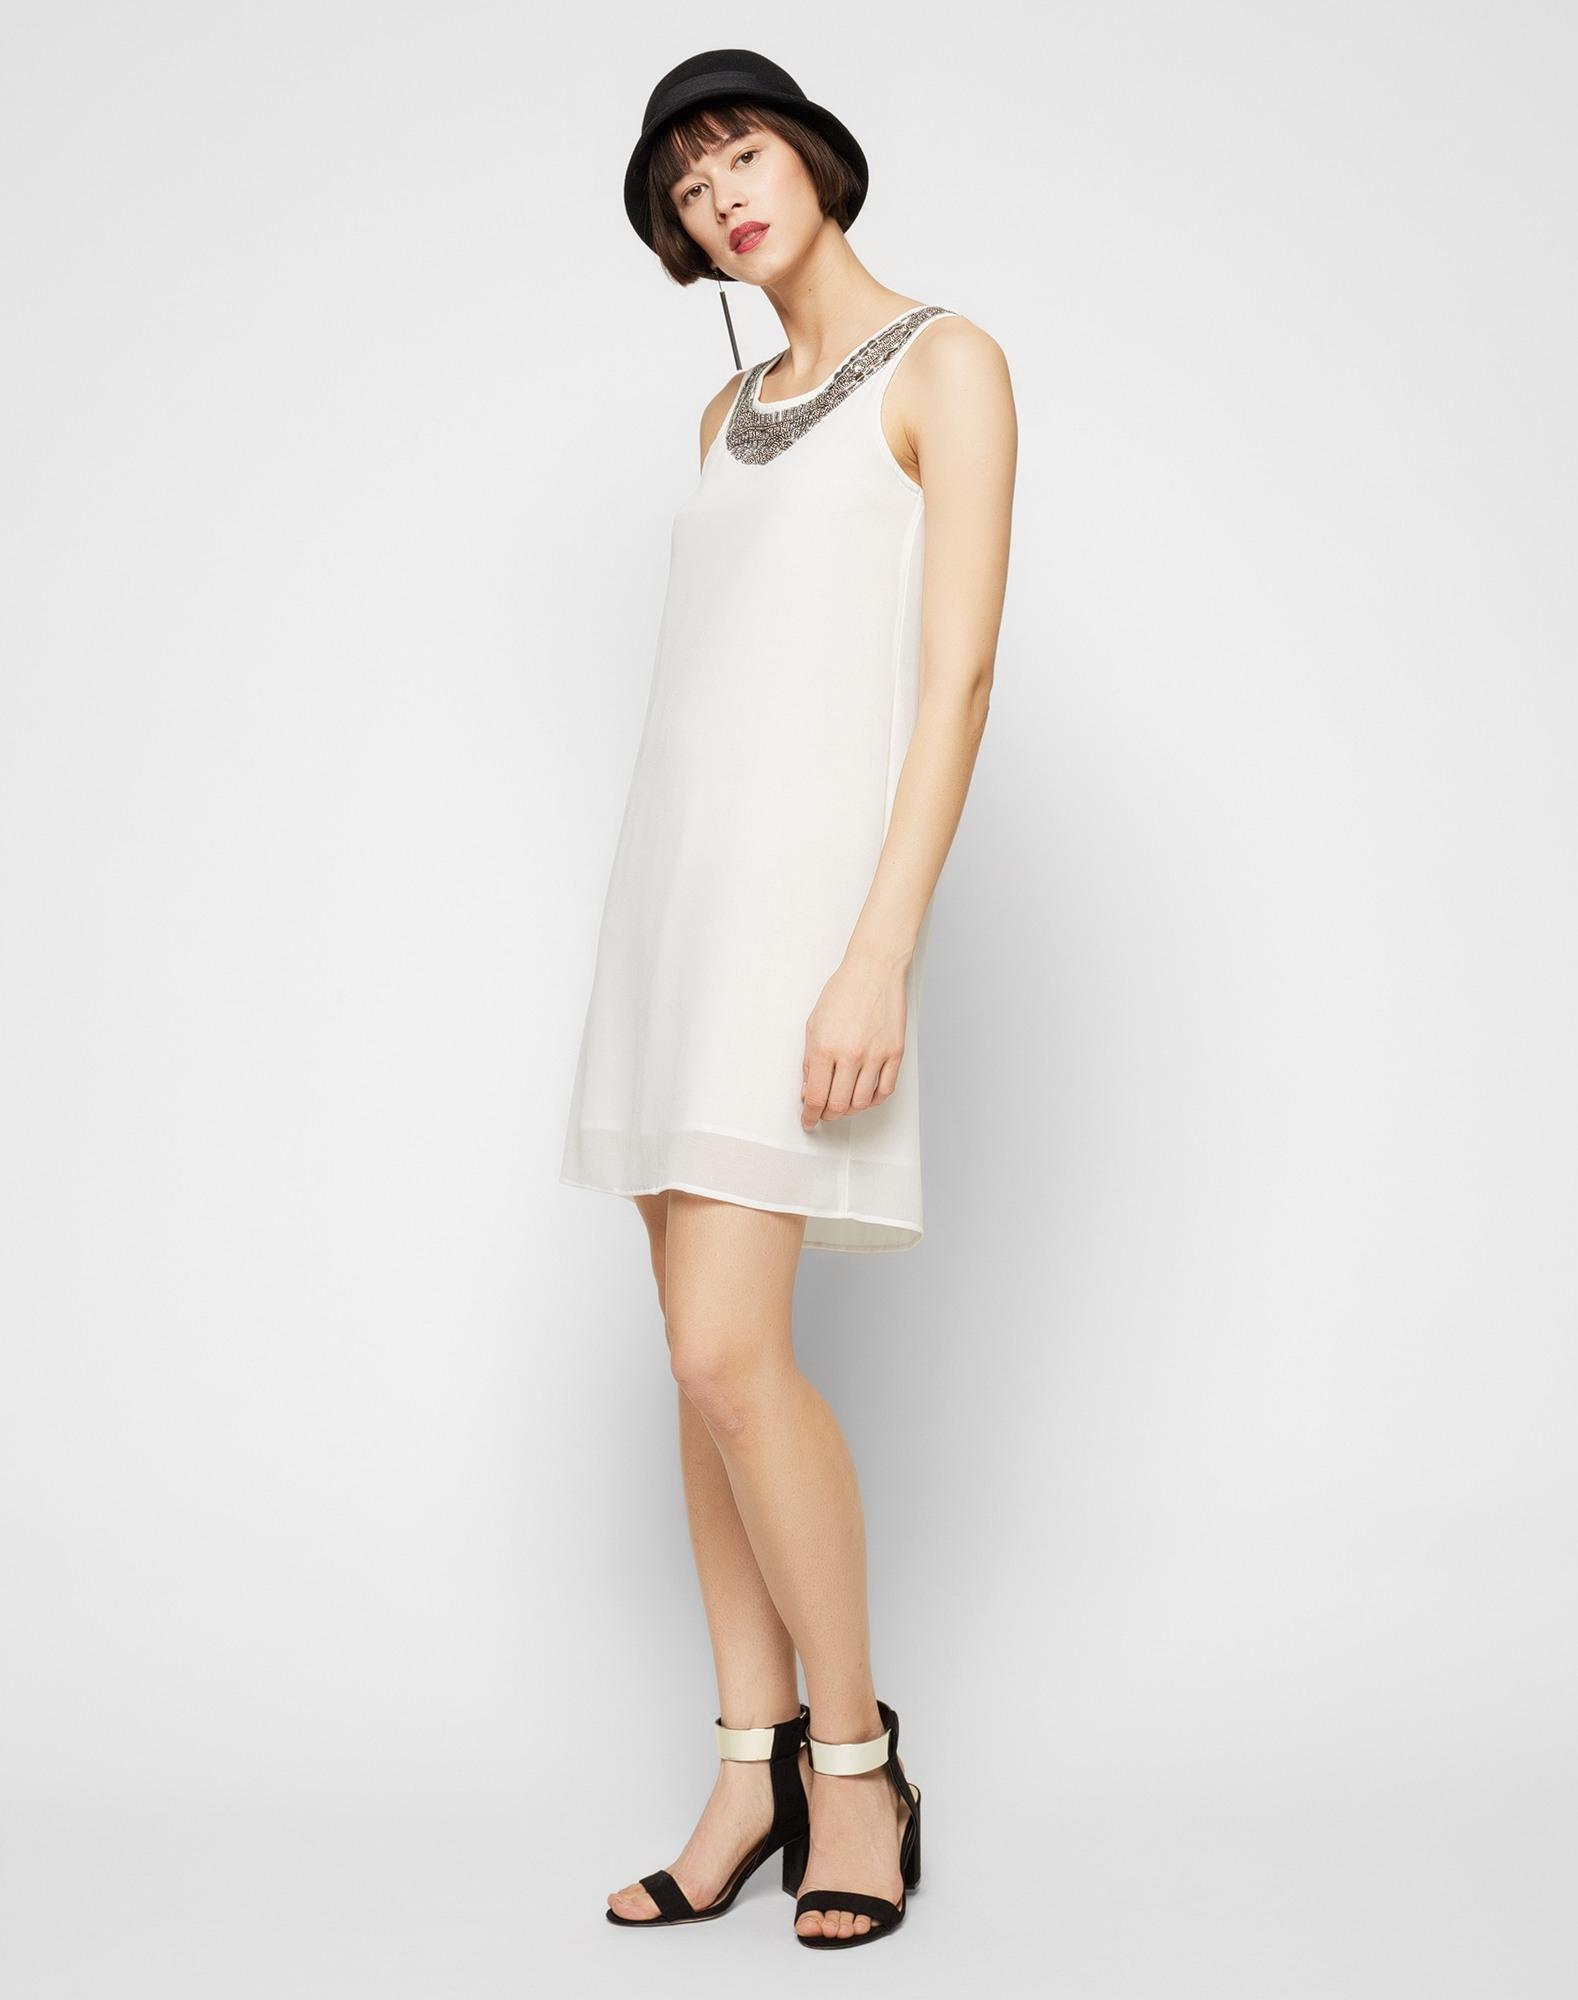 Abend Schön Kleid Weiß Glitzer Boutique10 Top Kleid Weiß Glitzer Stylish